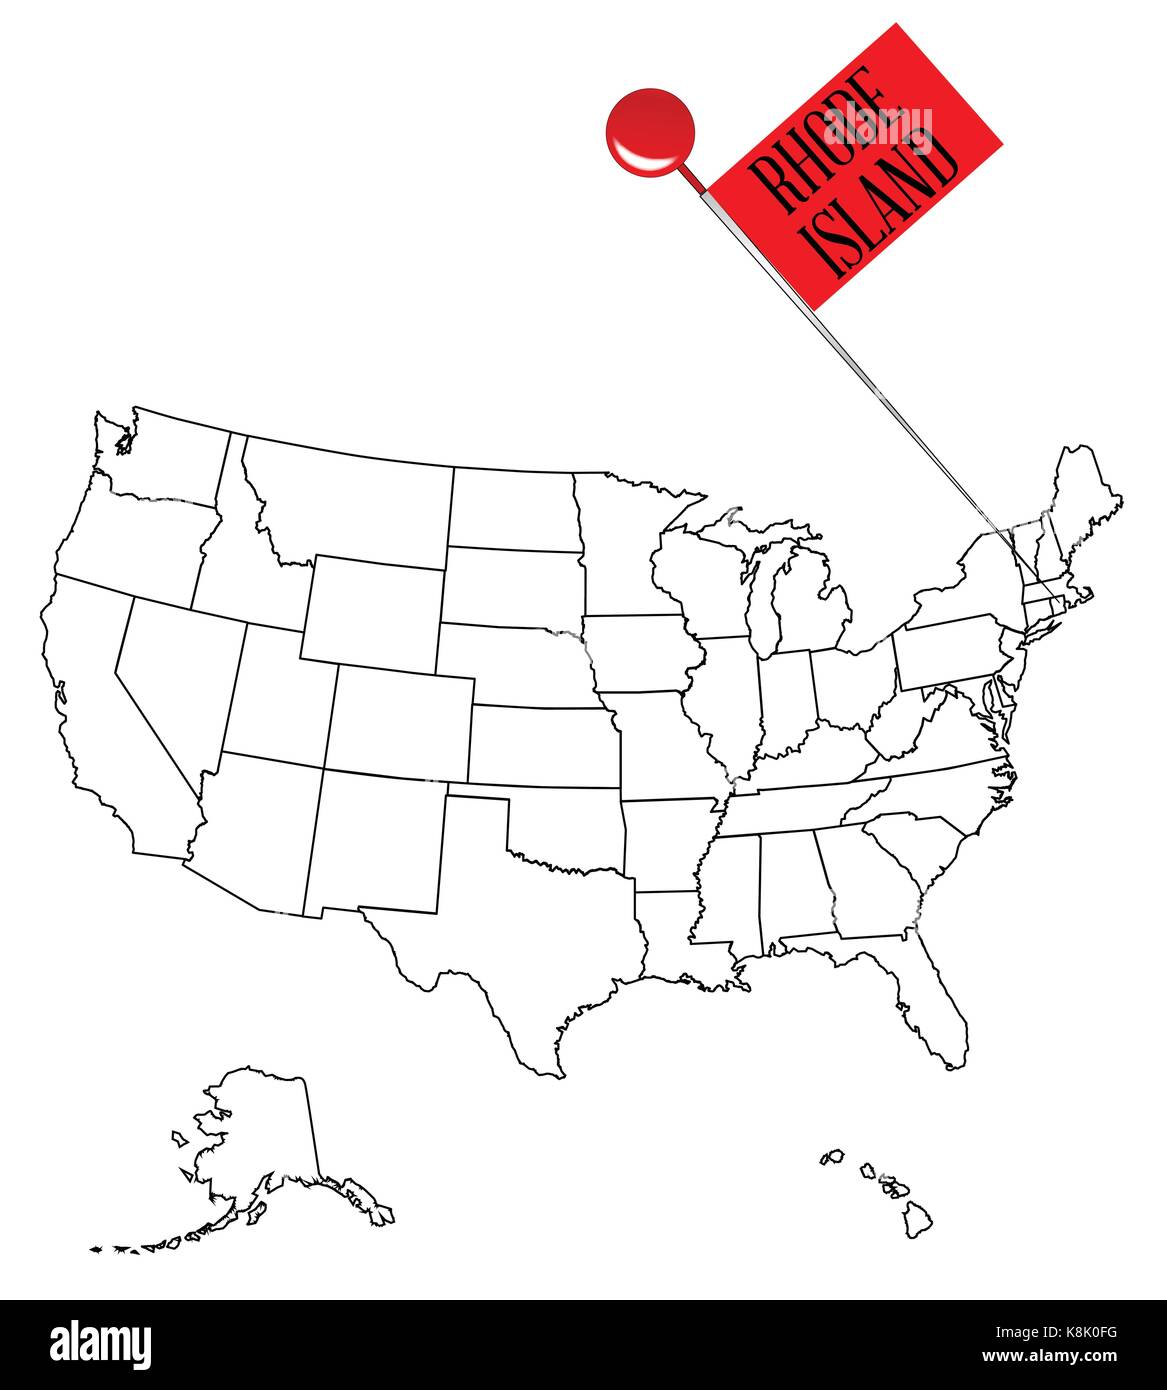 Rhode Island Map Vector Stock Photos & Rhode Island Map Vector Stock ...